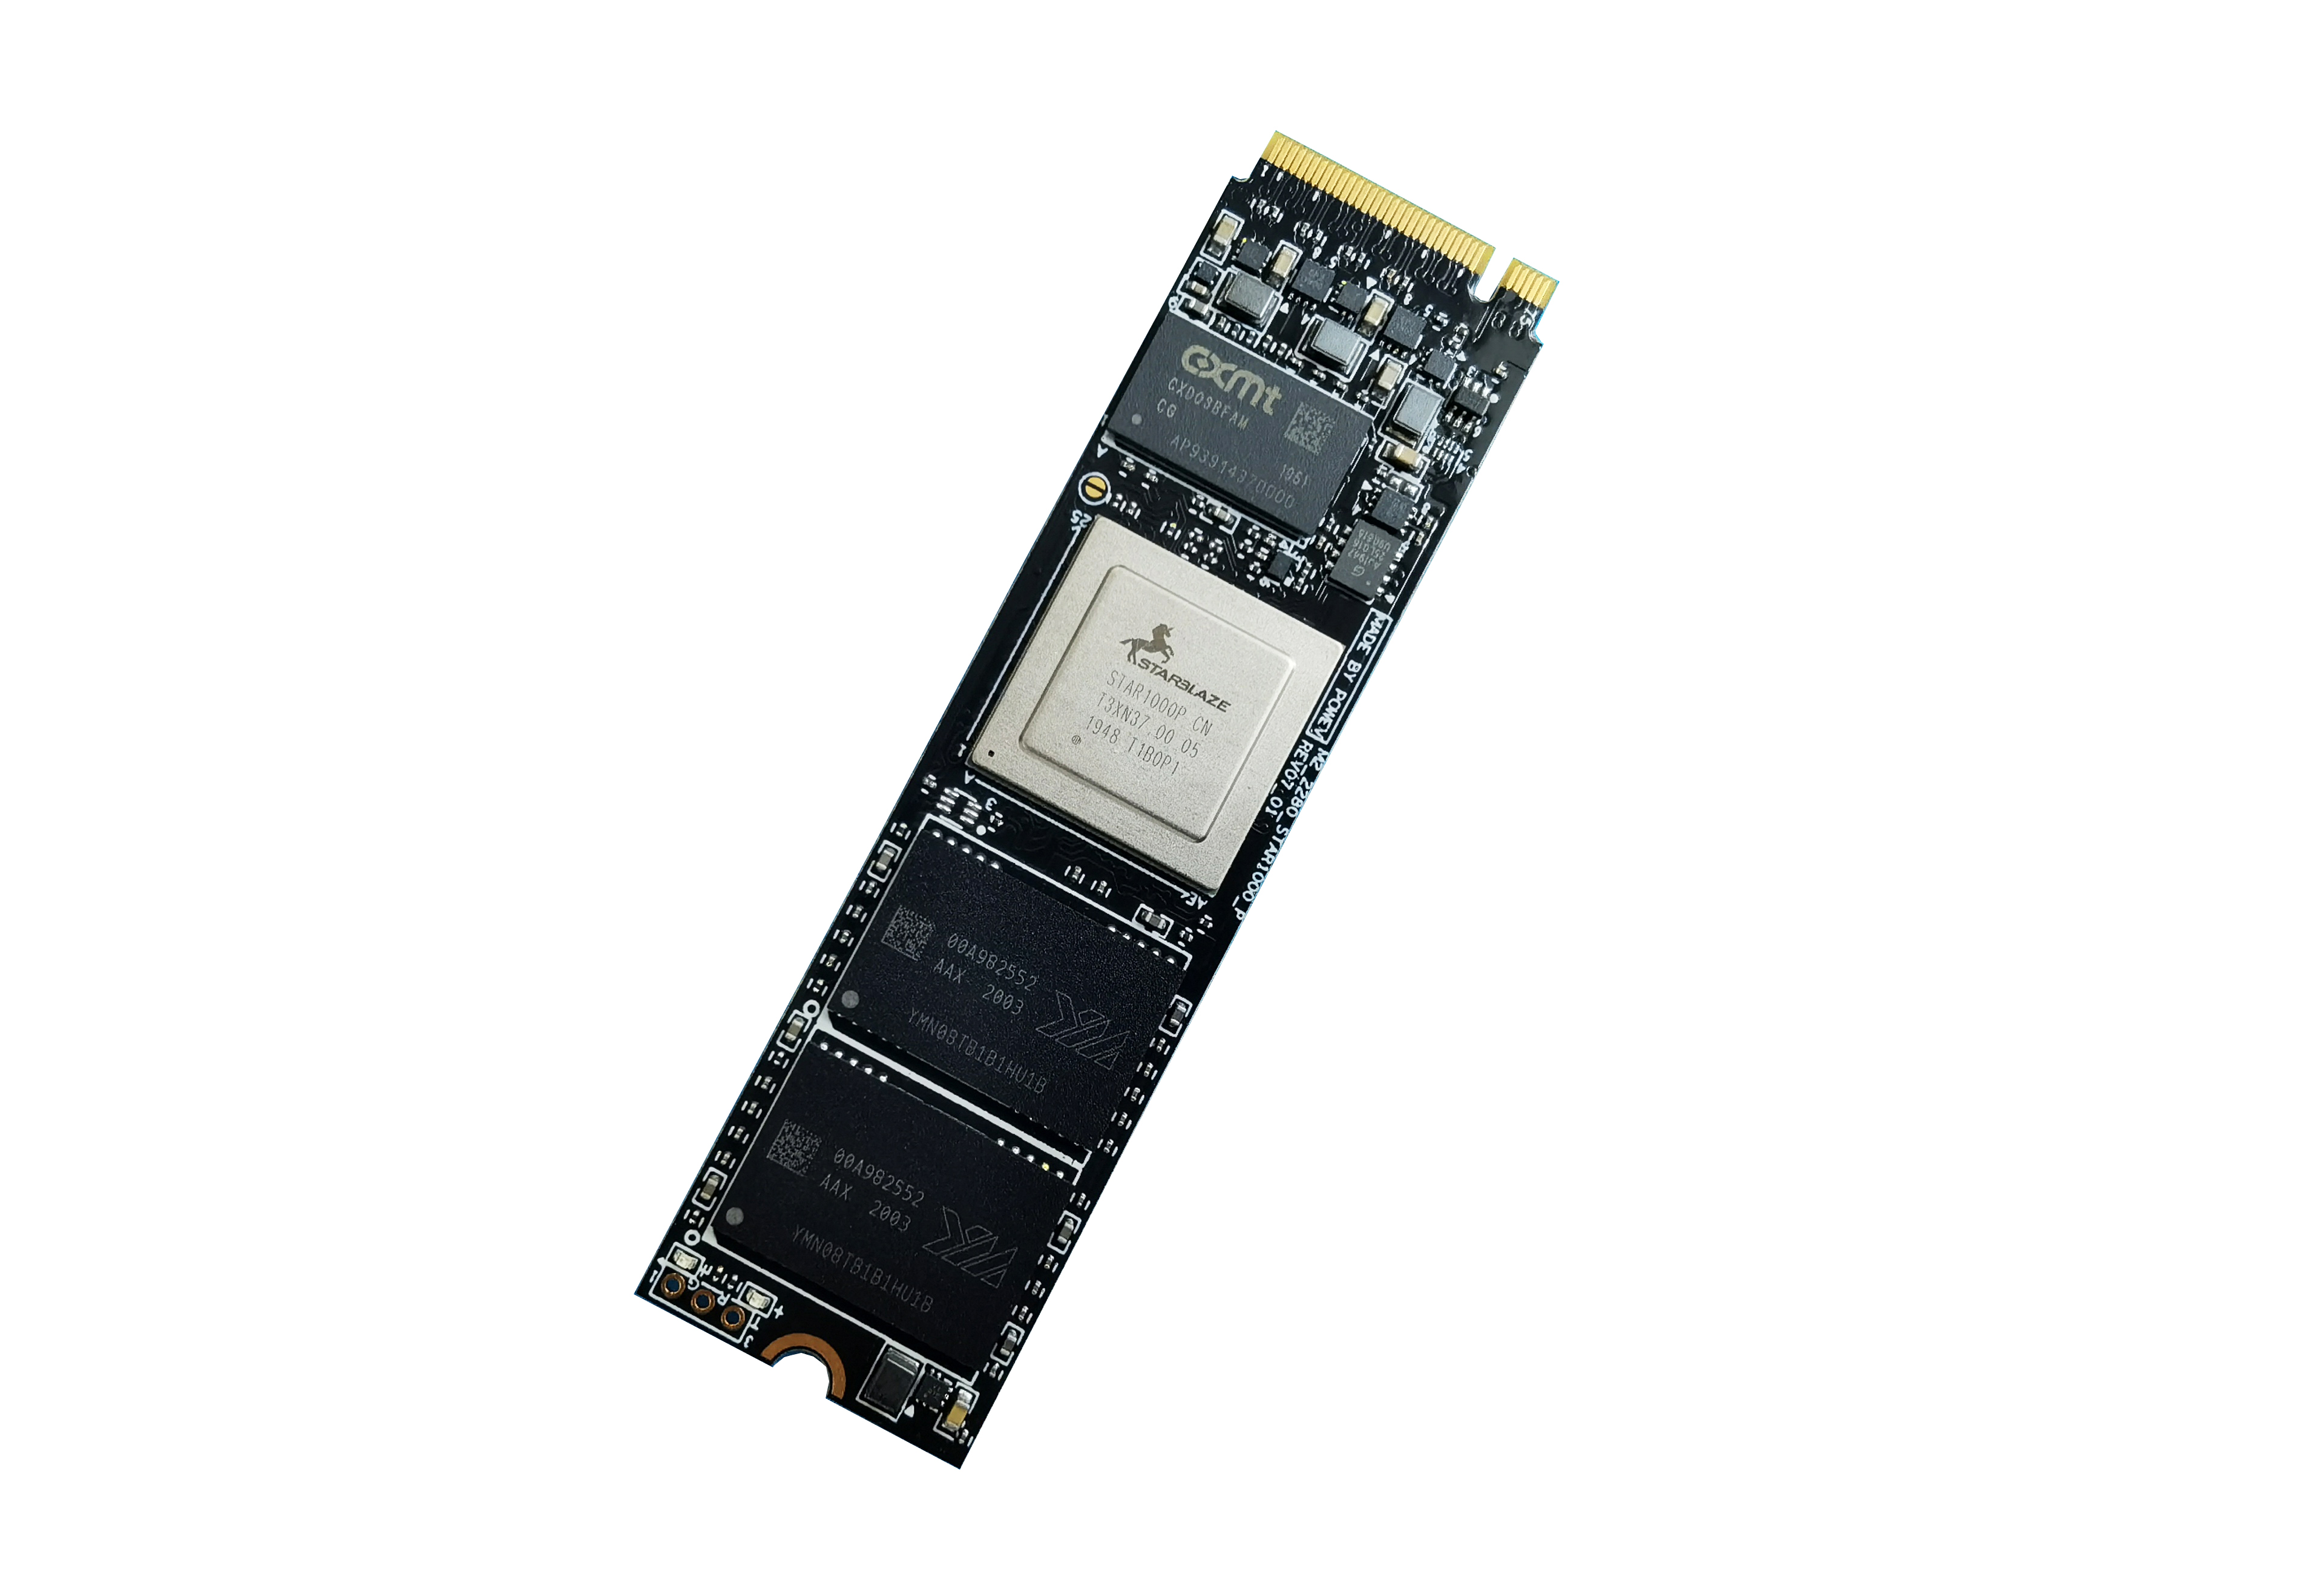 中国芯!国产NVMe PCIe 3.0 SSD震撼首发